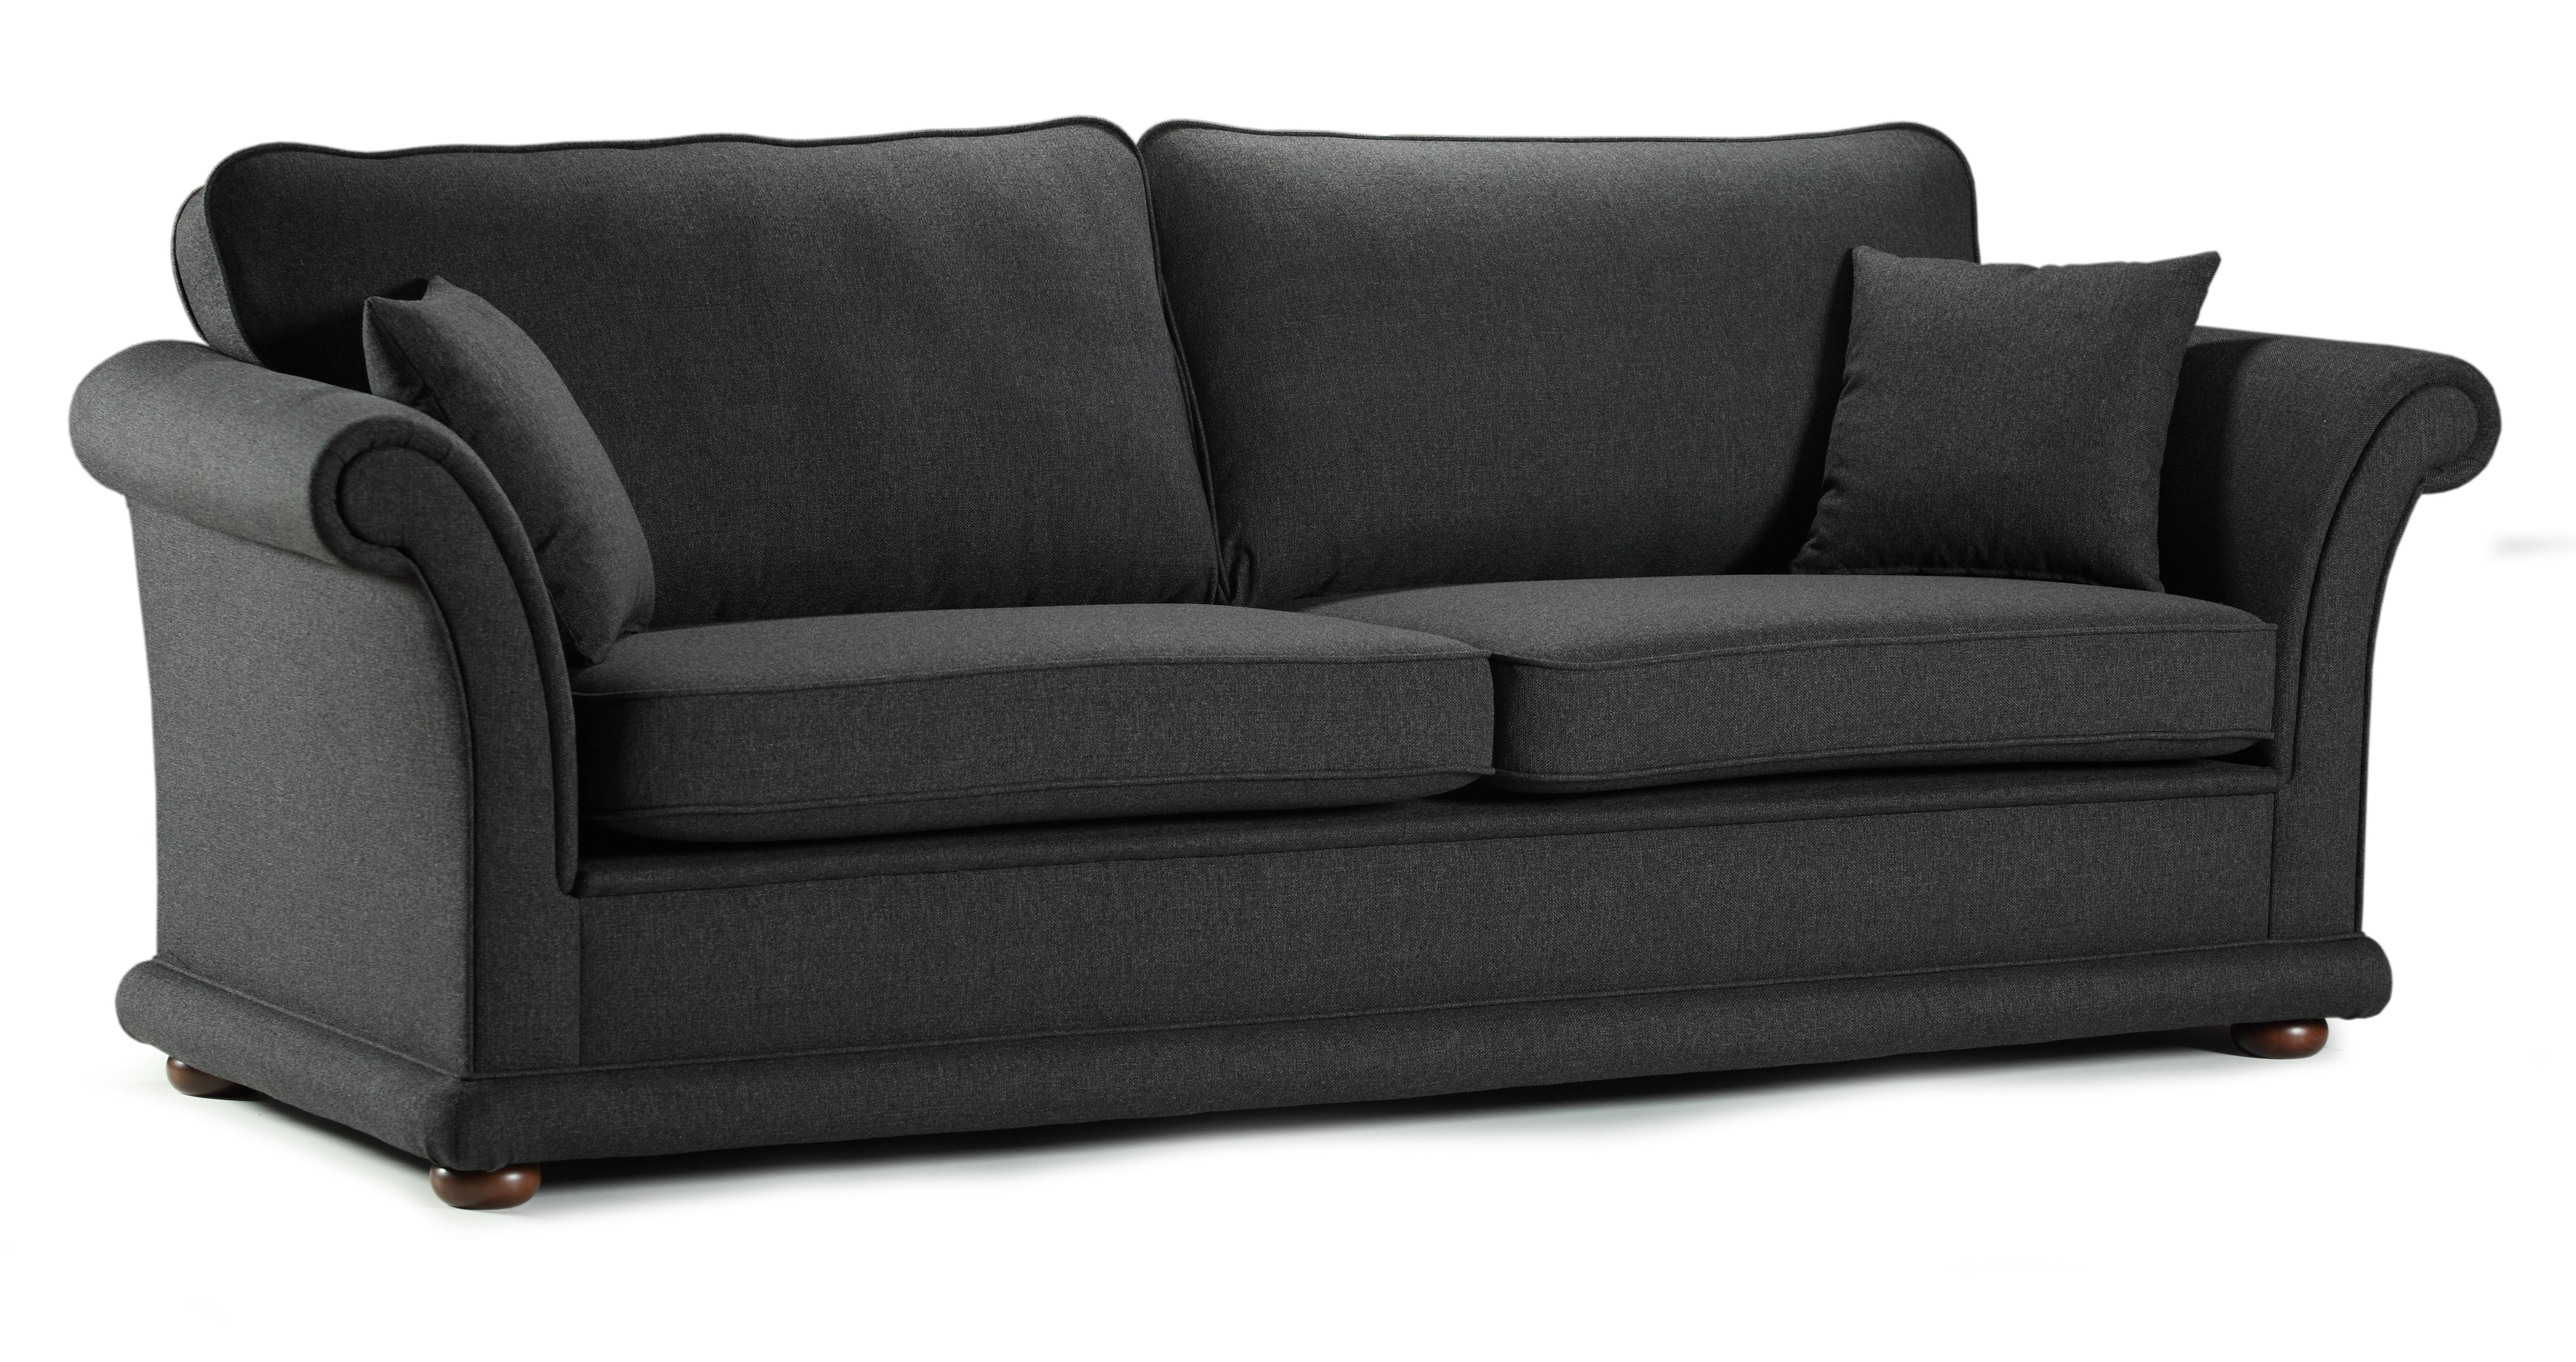 Canapea fixa 3 locuri Cesar